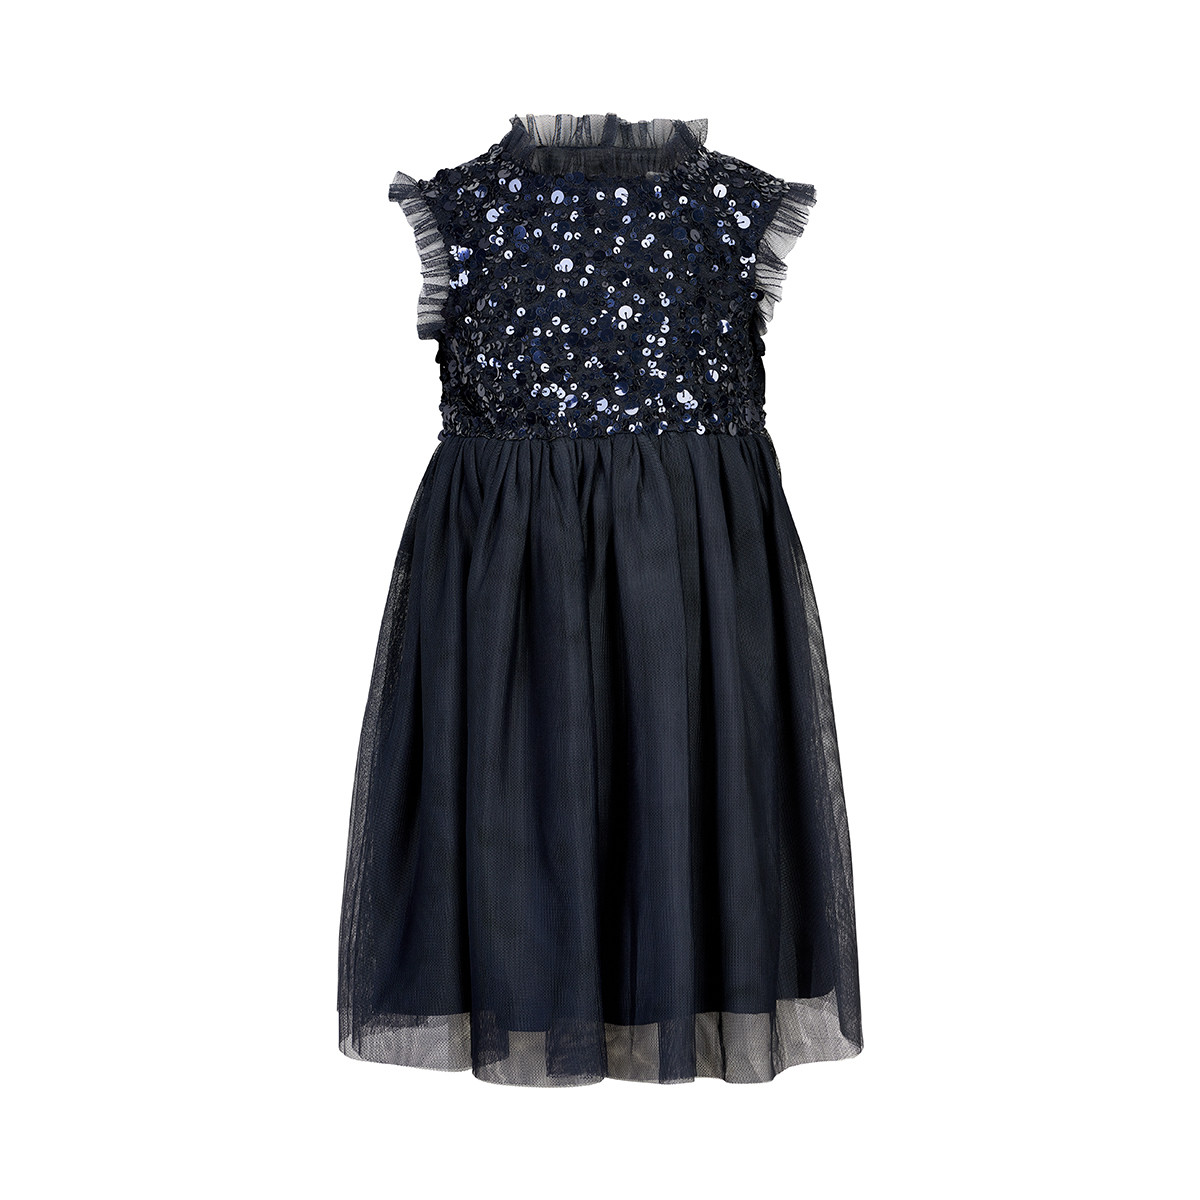 Creamie | Dress | 12m-6y | 840271-7850